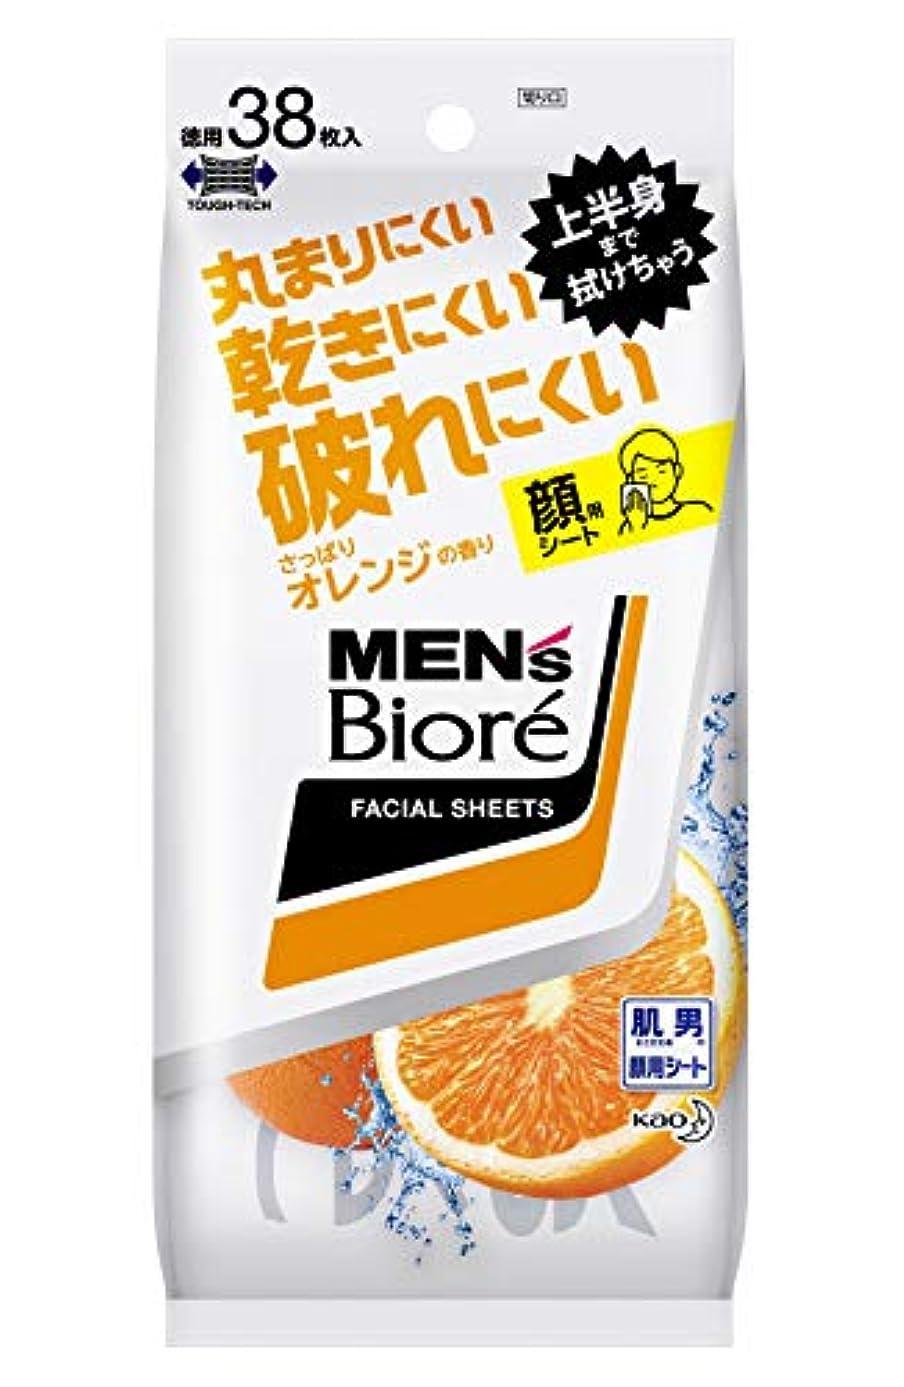 部屋を掃除するスムーズにカテナメンズビオレ 洗顔シート さっぱりオレンジの香り <卓上タイプ> 38枚入